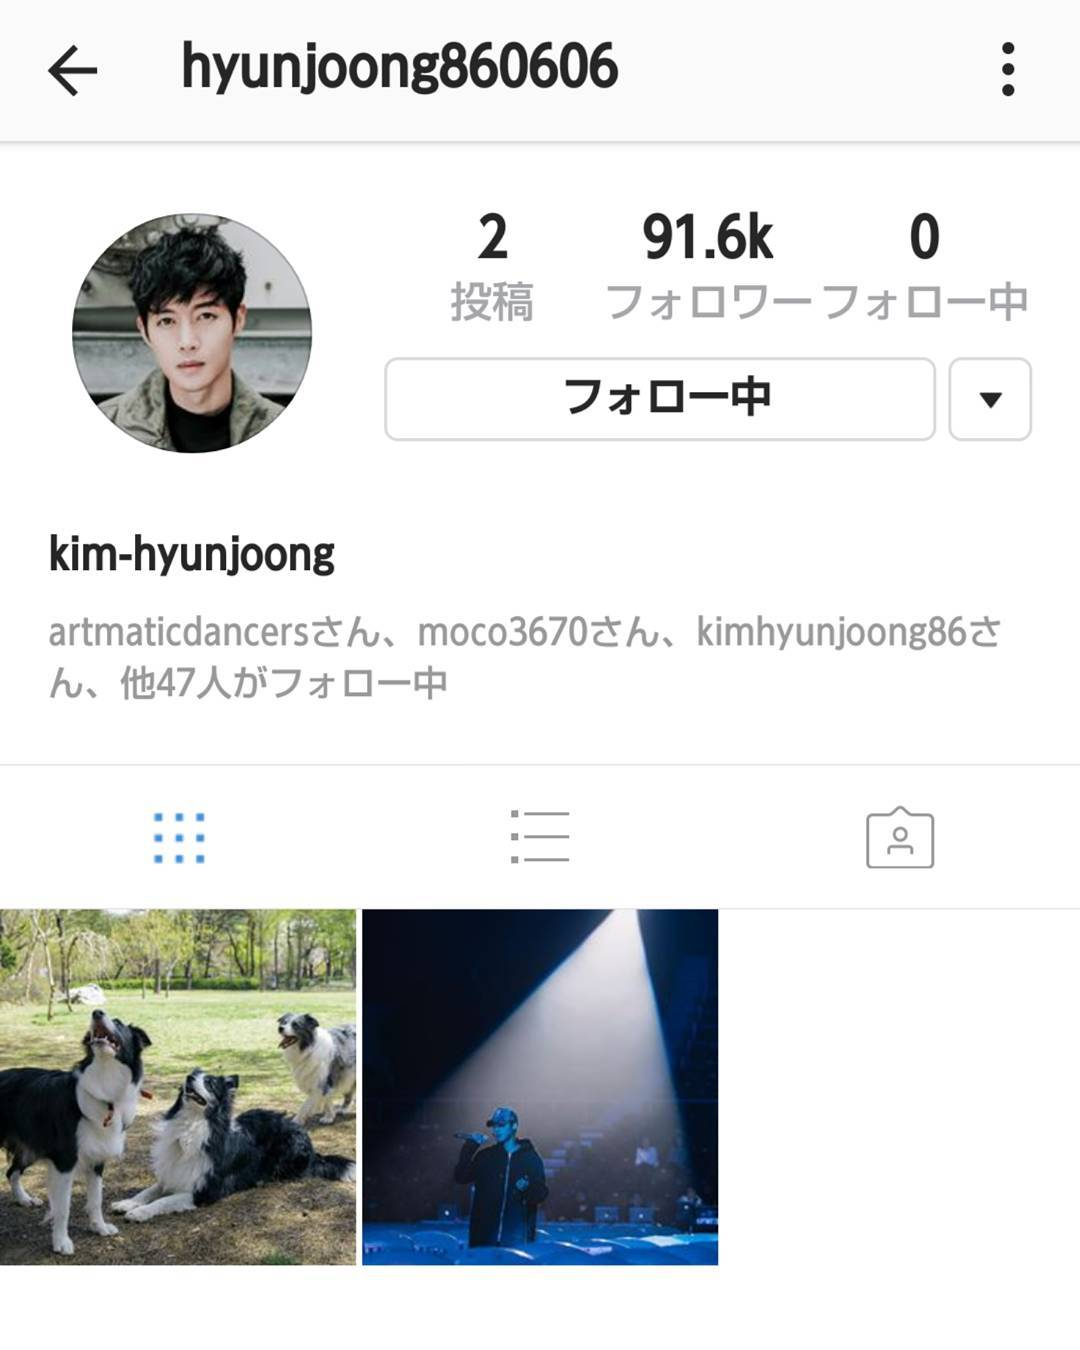 [Instagram] hyunjoong860606 Instagram Update [2017.05.28]